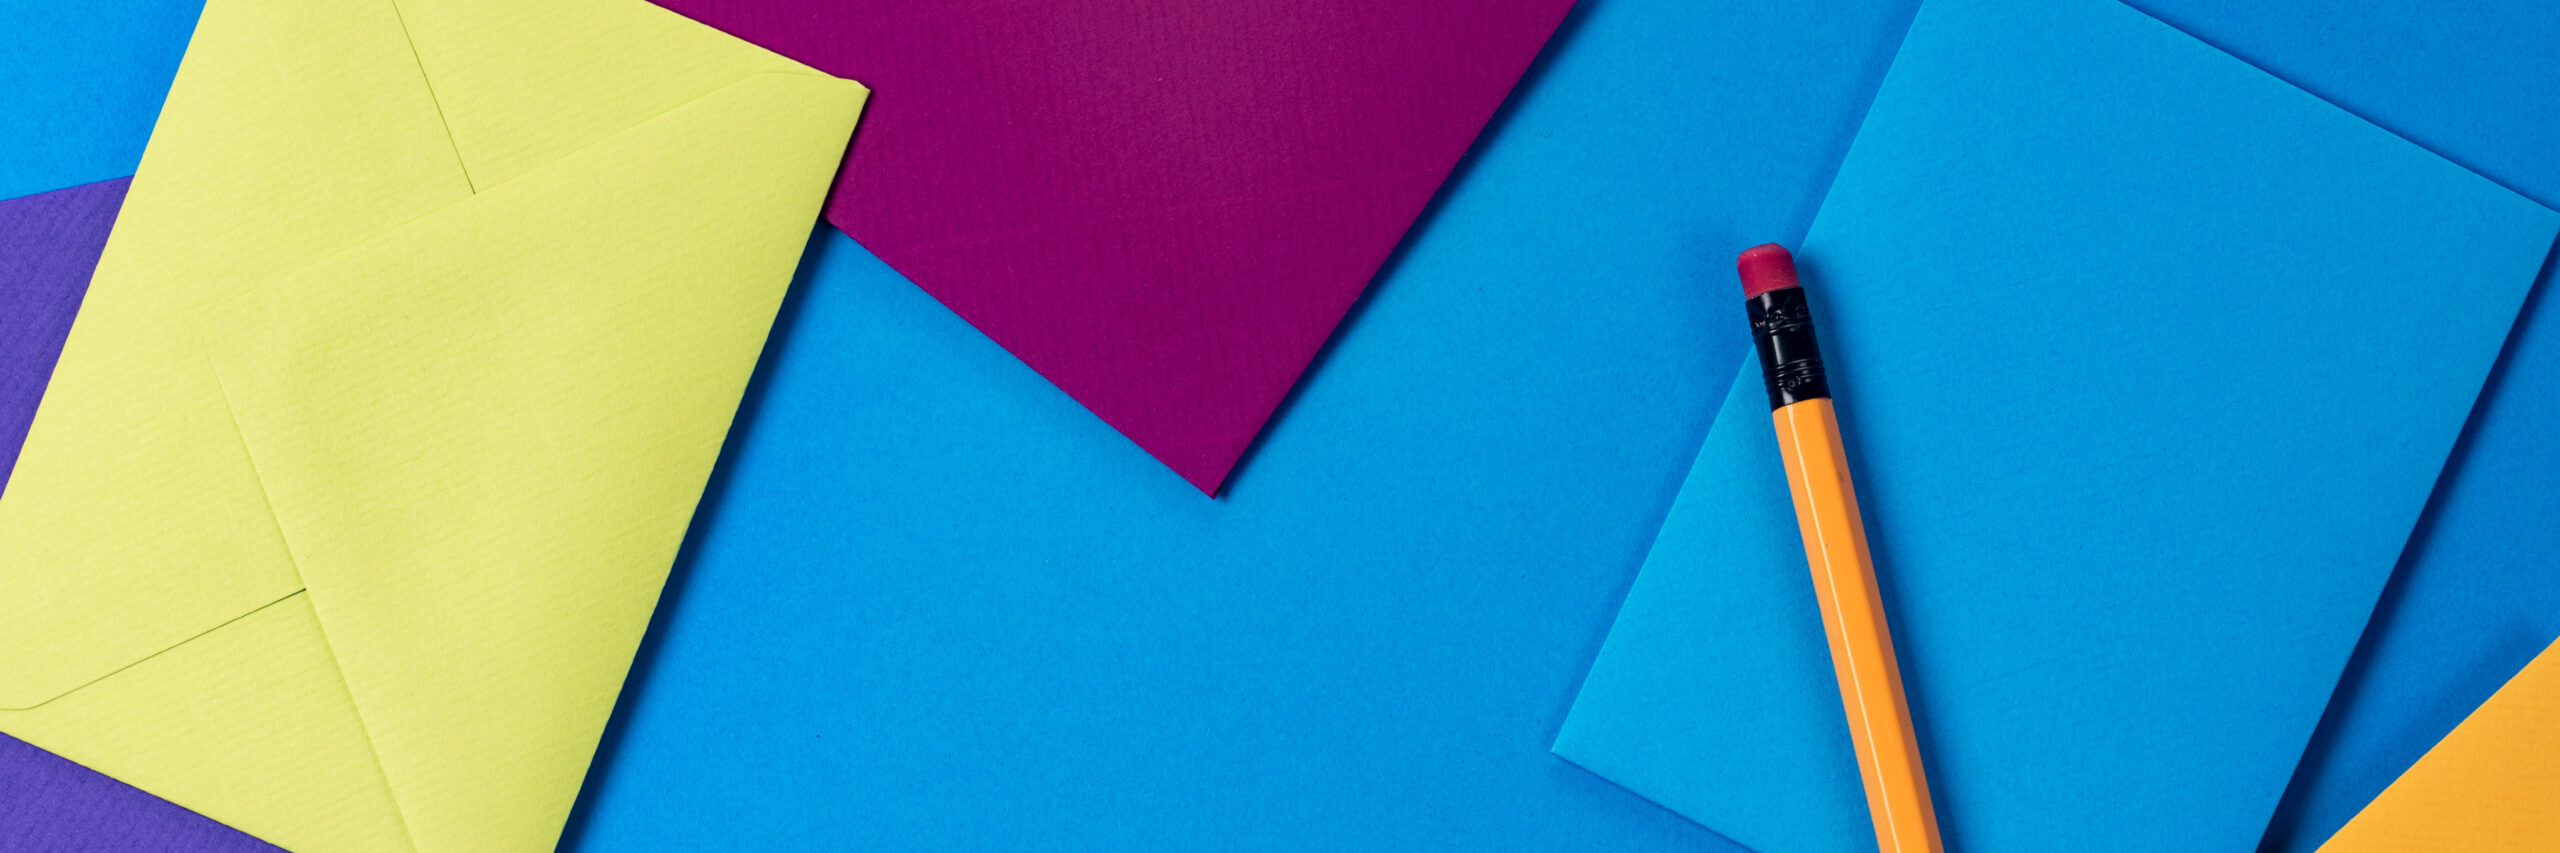 Abonnieren Sie den Newsletter von Normann Consulting. Schmuckbild mit bunten Briefumschlägen